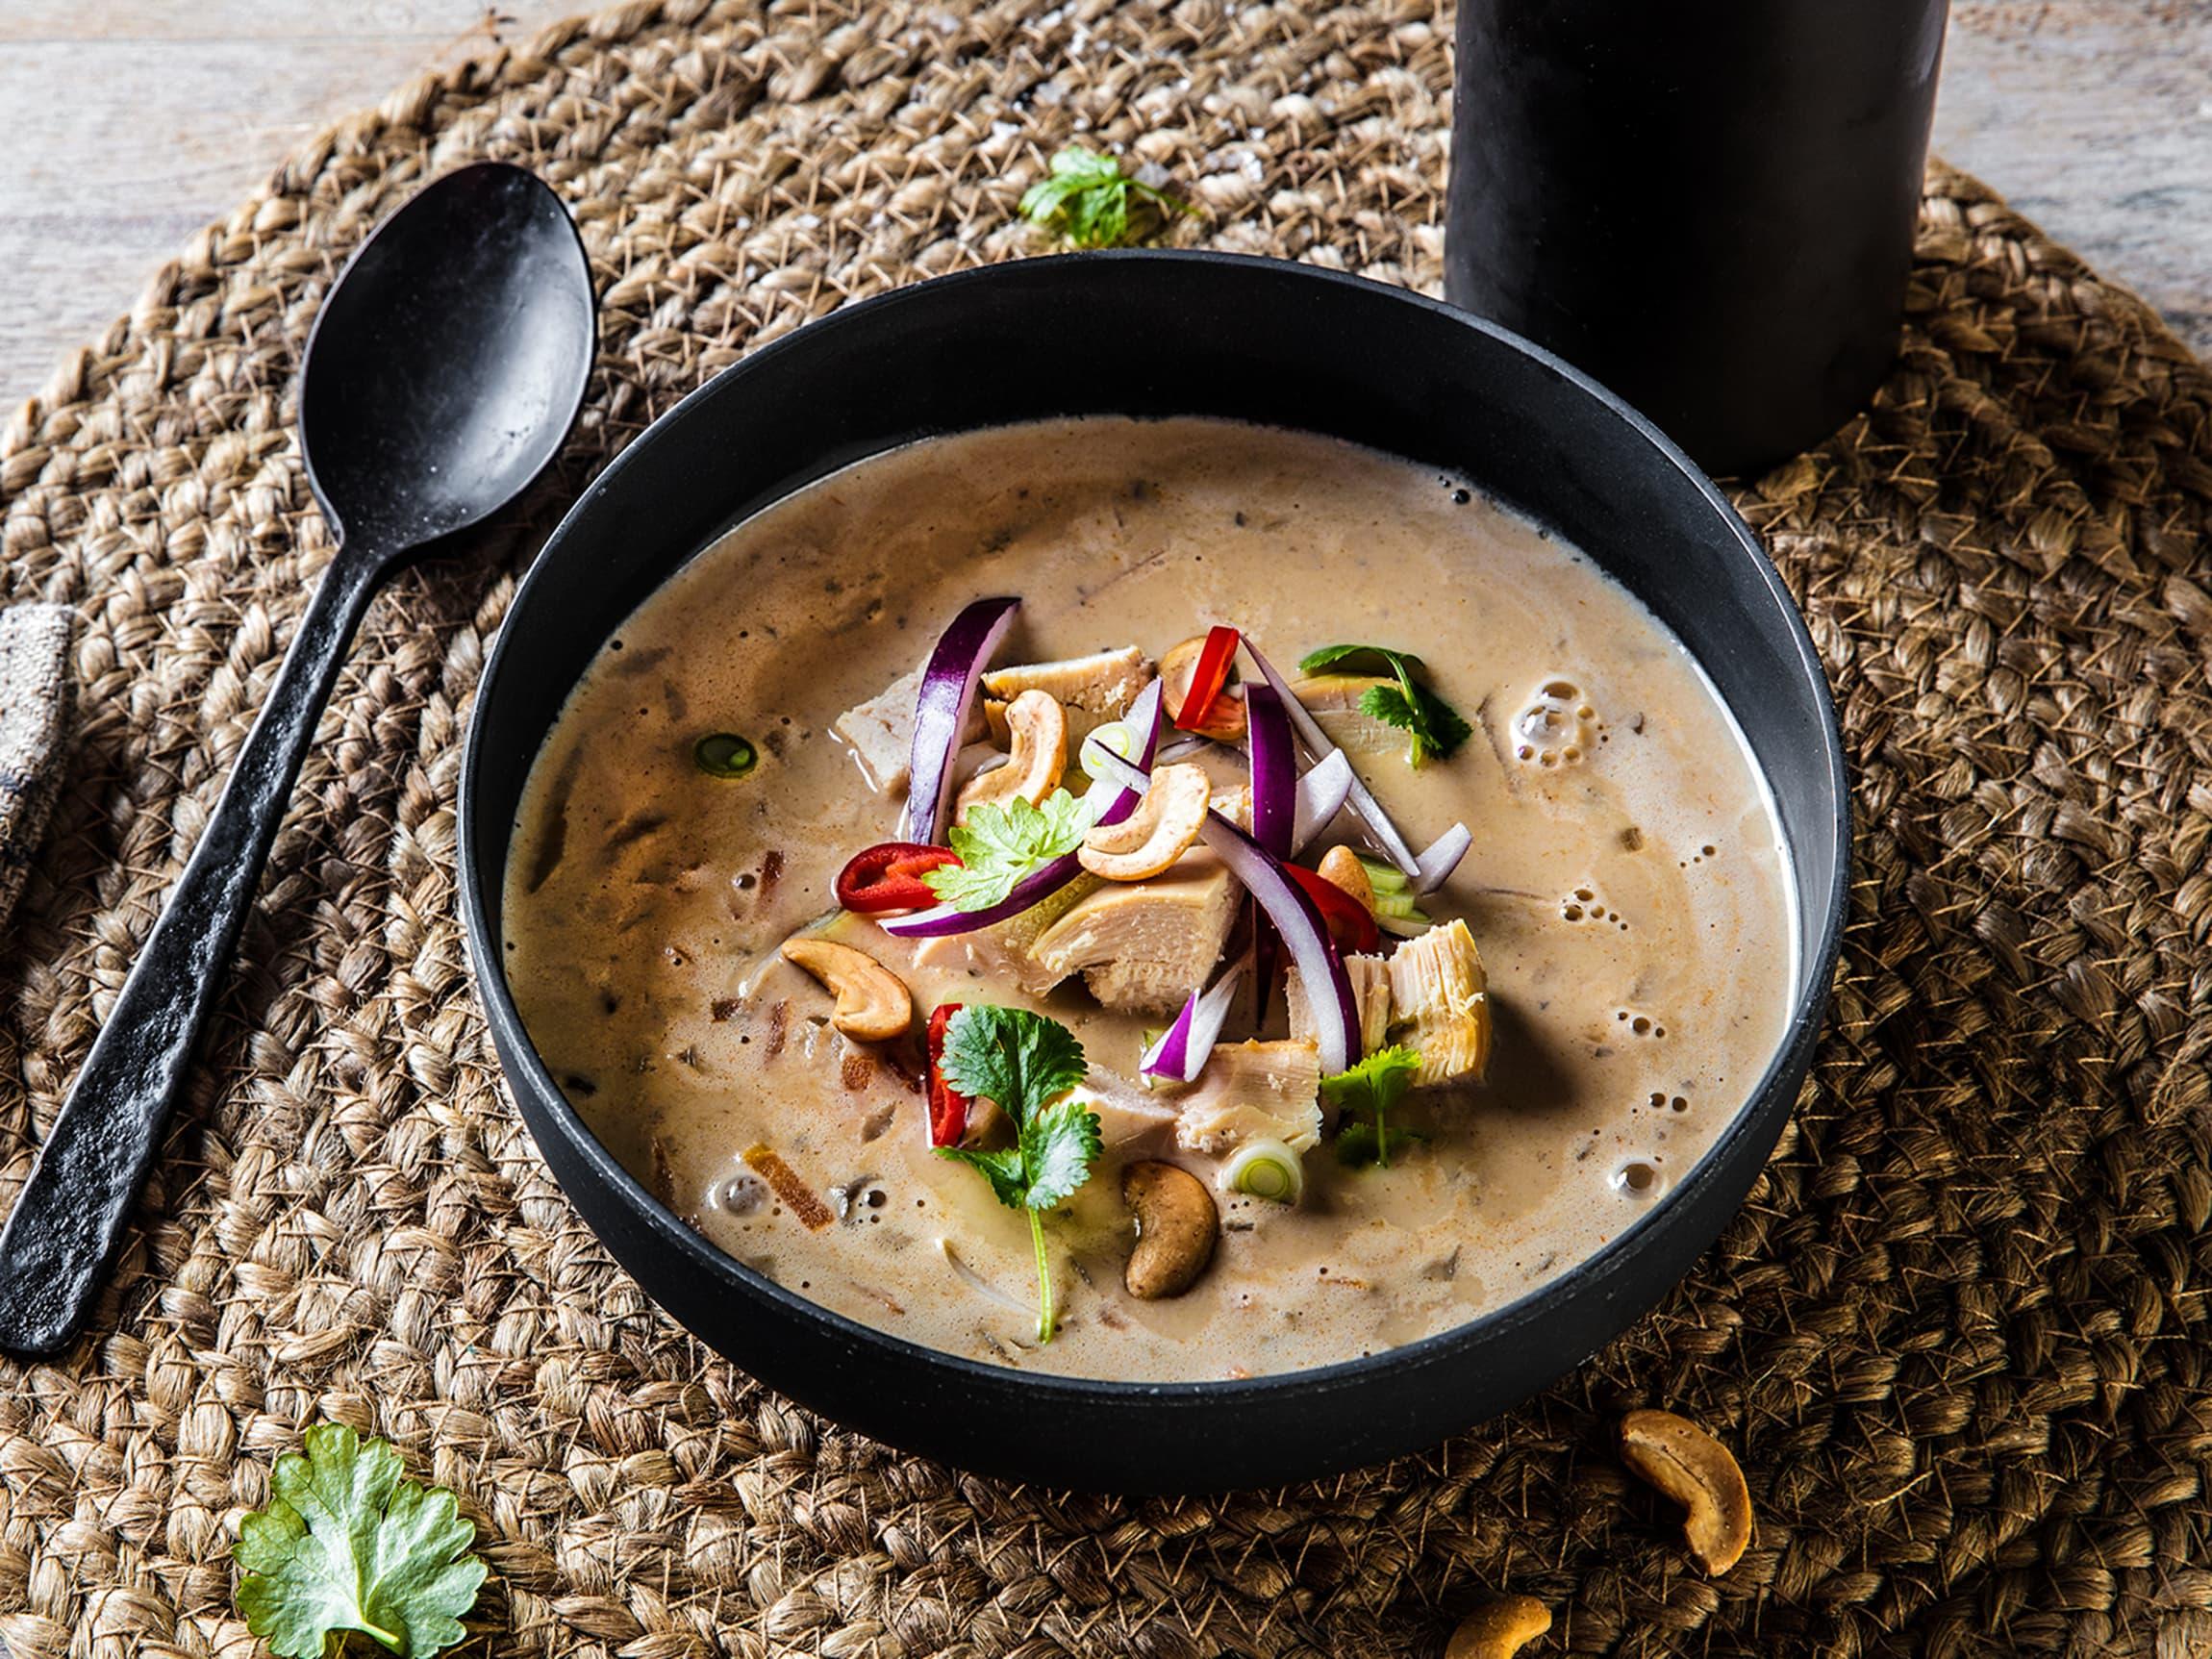 Kremet thaisuppe toppet med kylling, koriander, rødløk og cashewnøtter.